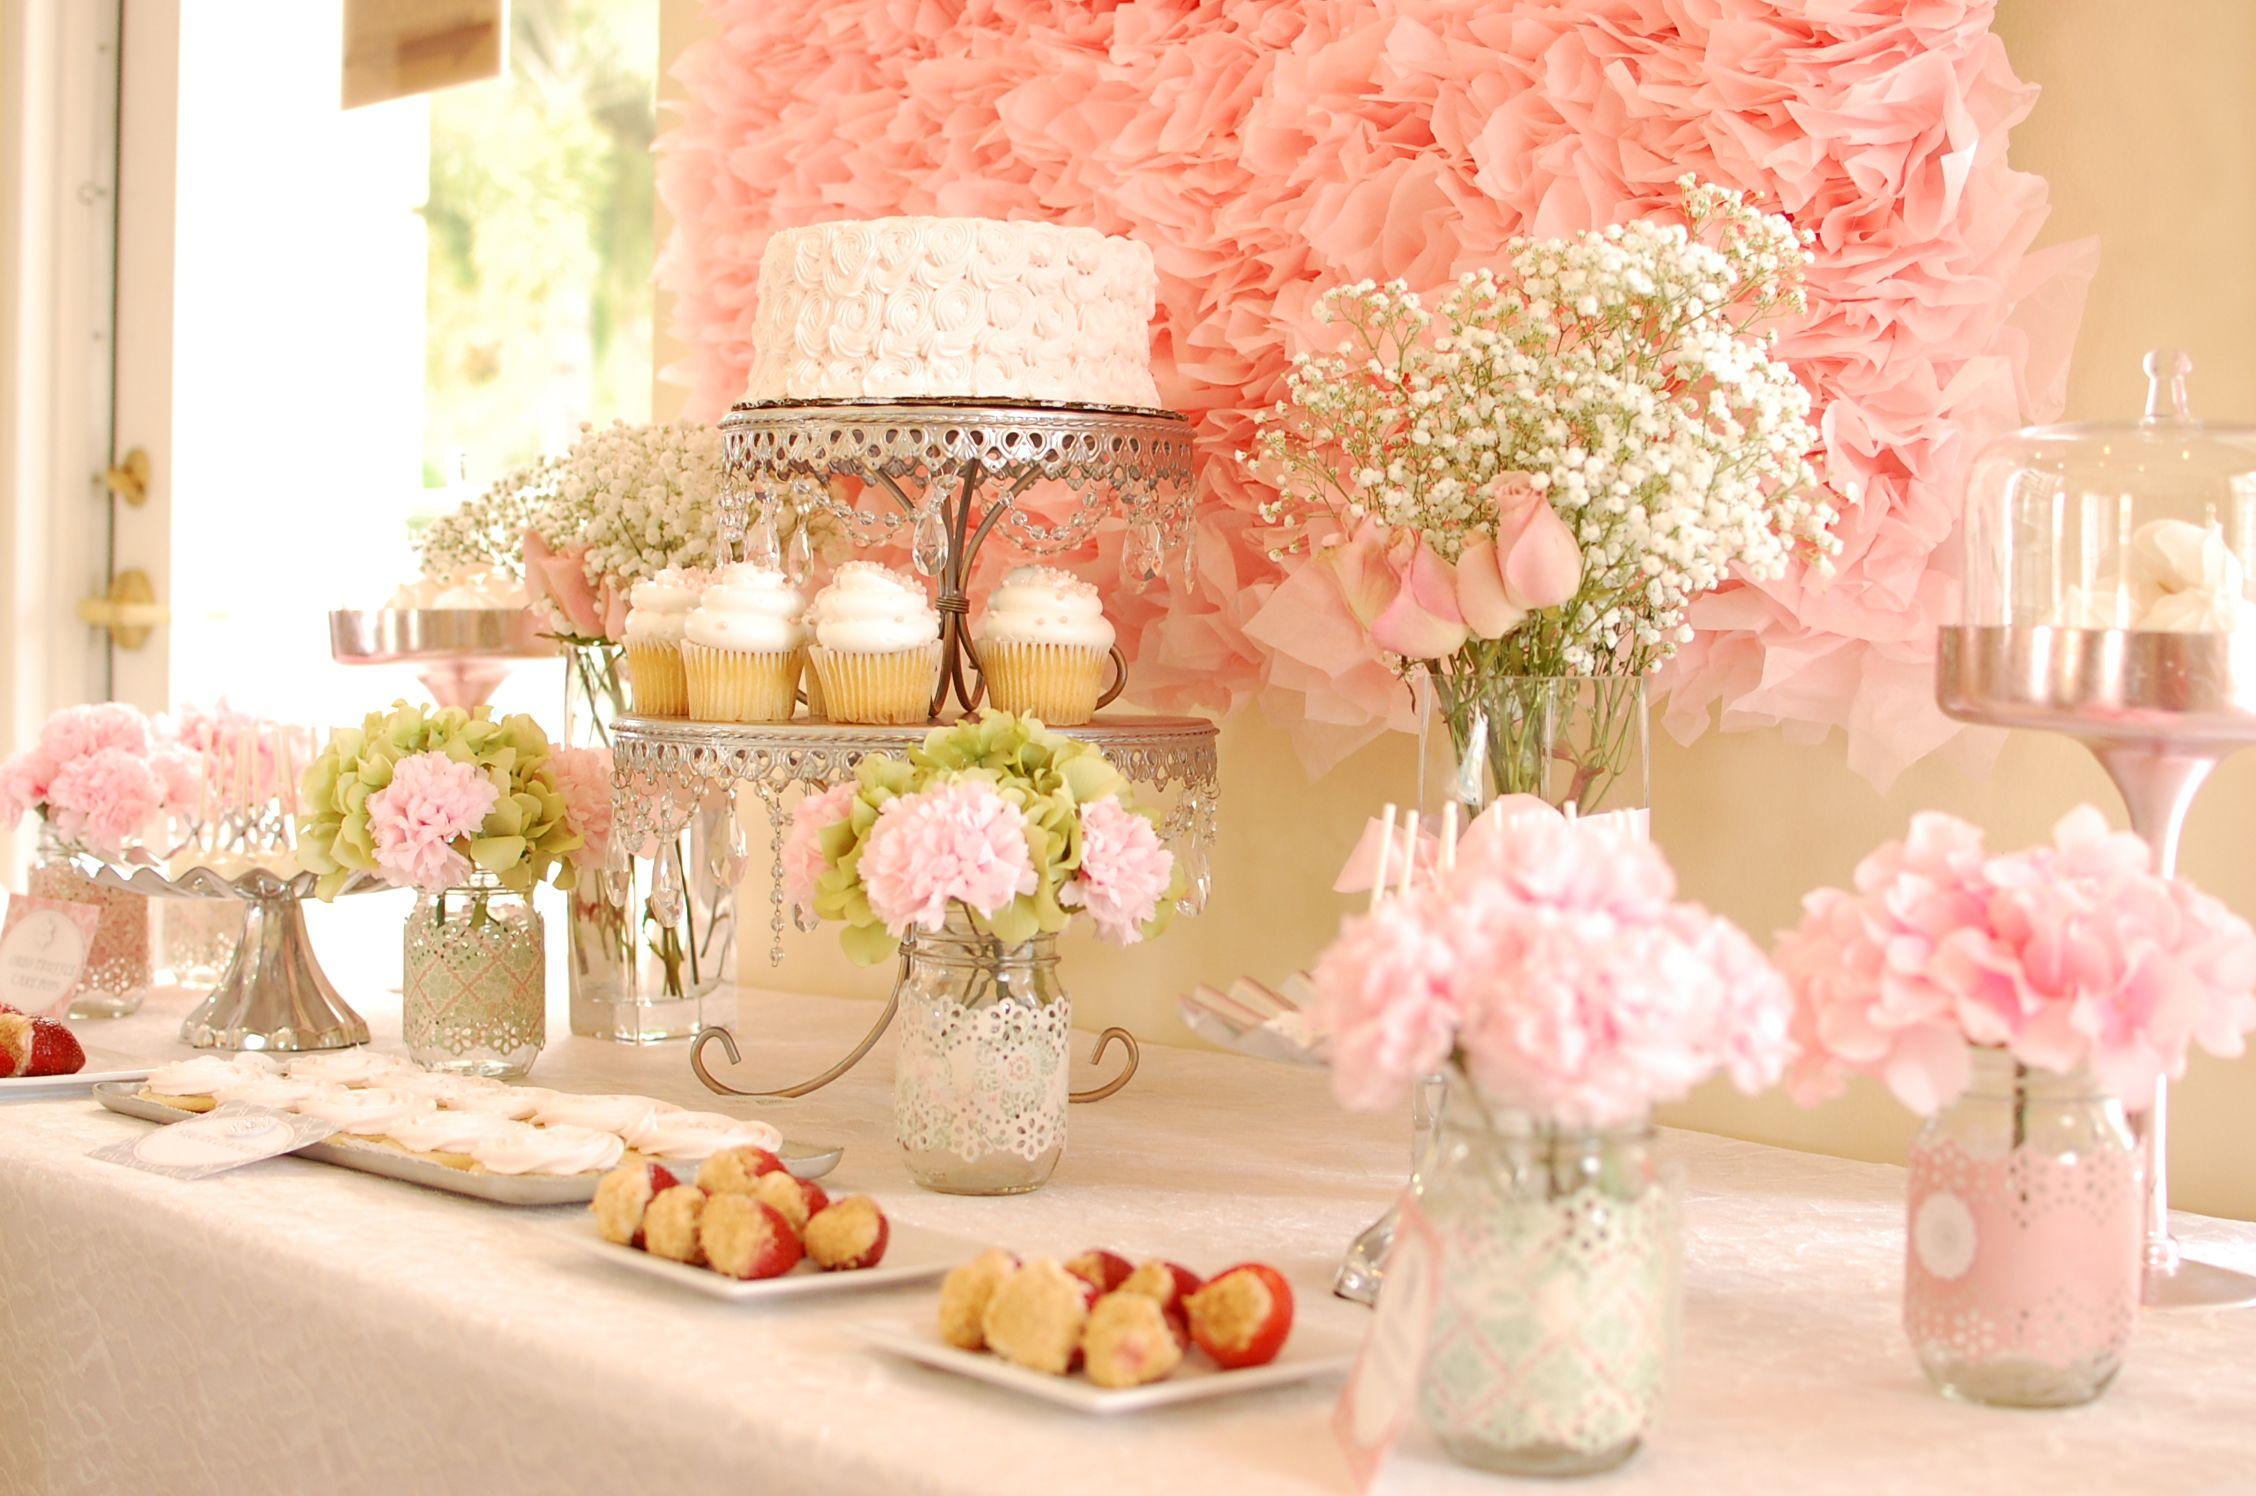 Pinterest Bridal Shower: Bridal Shower Dessert Table